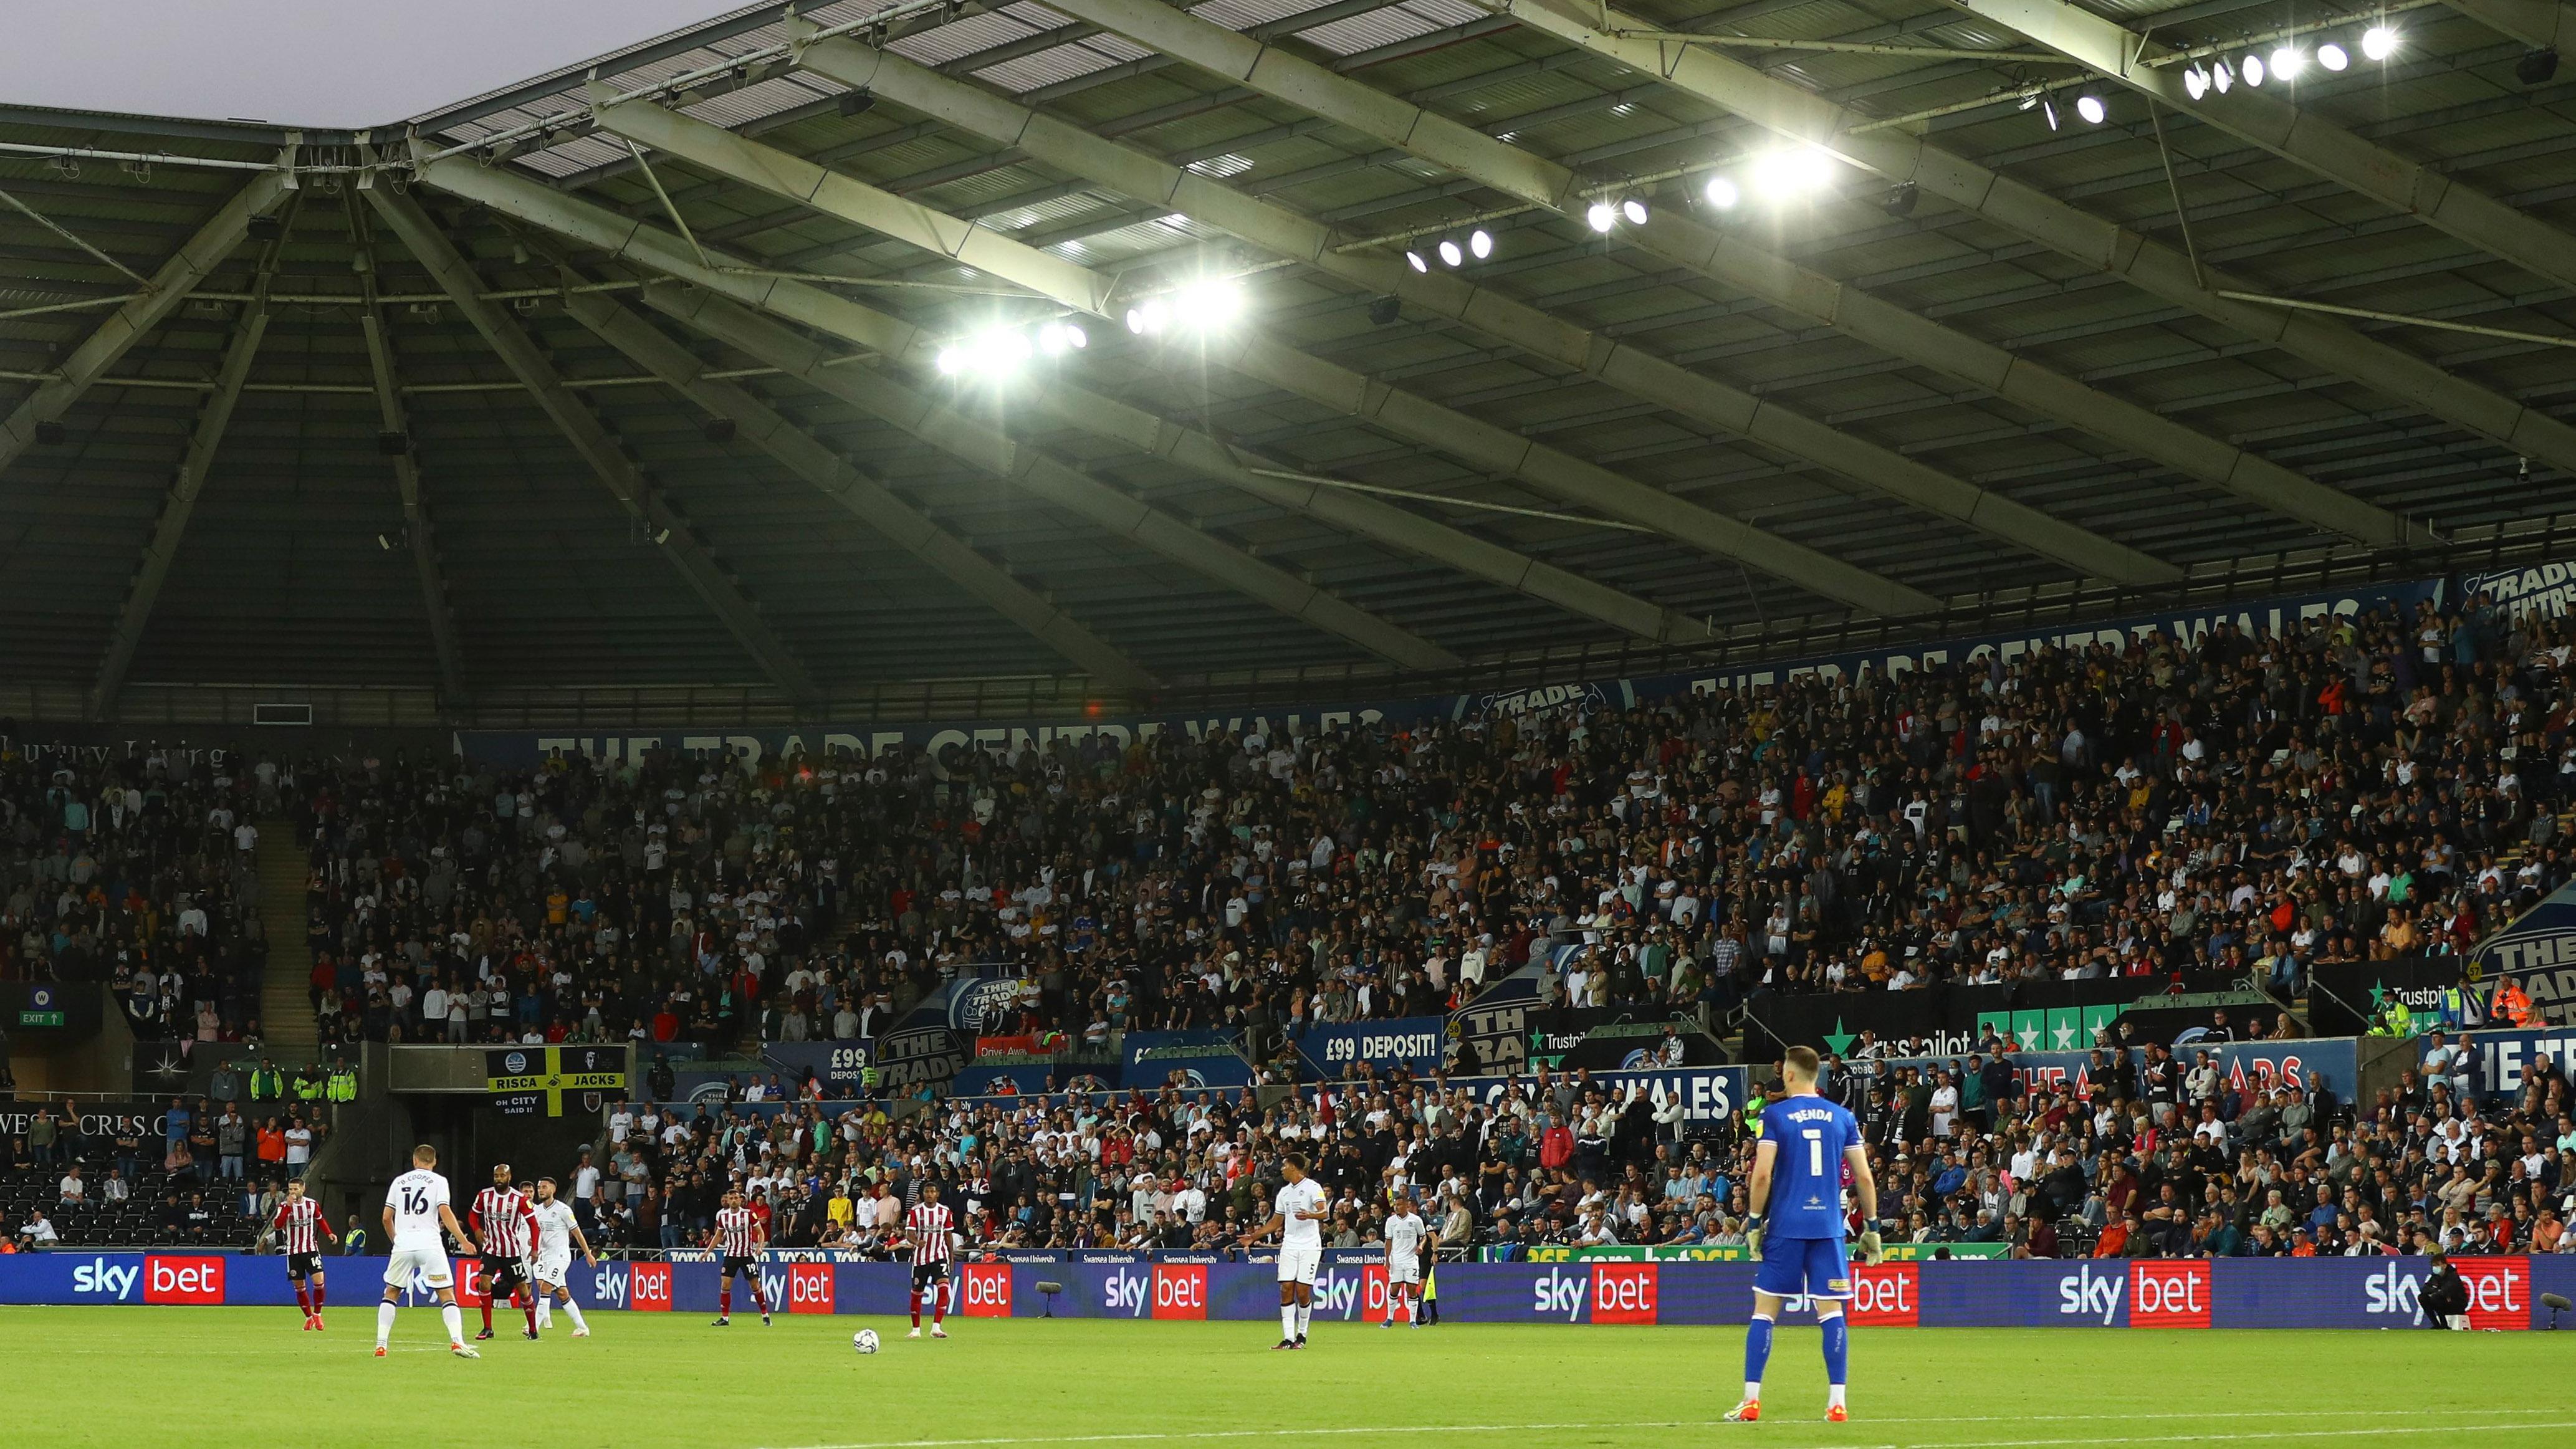 Swansea.com Stadium